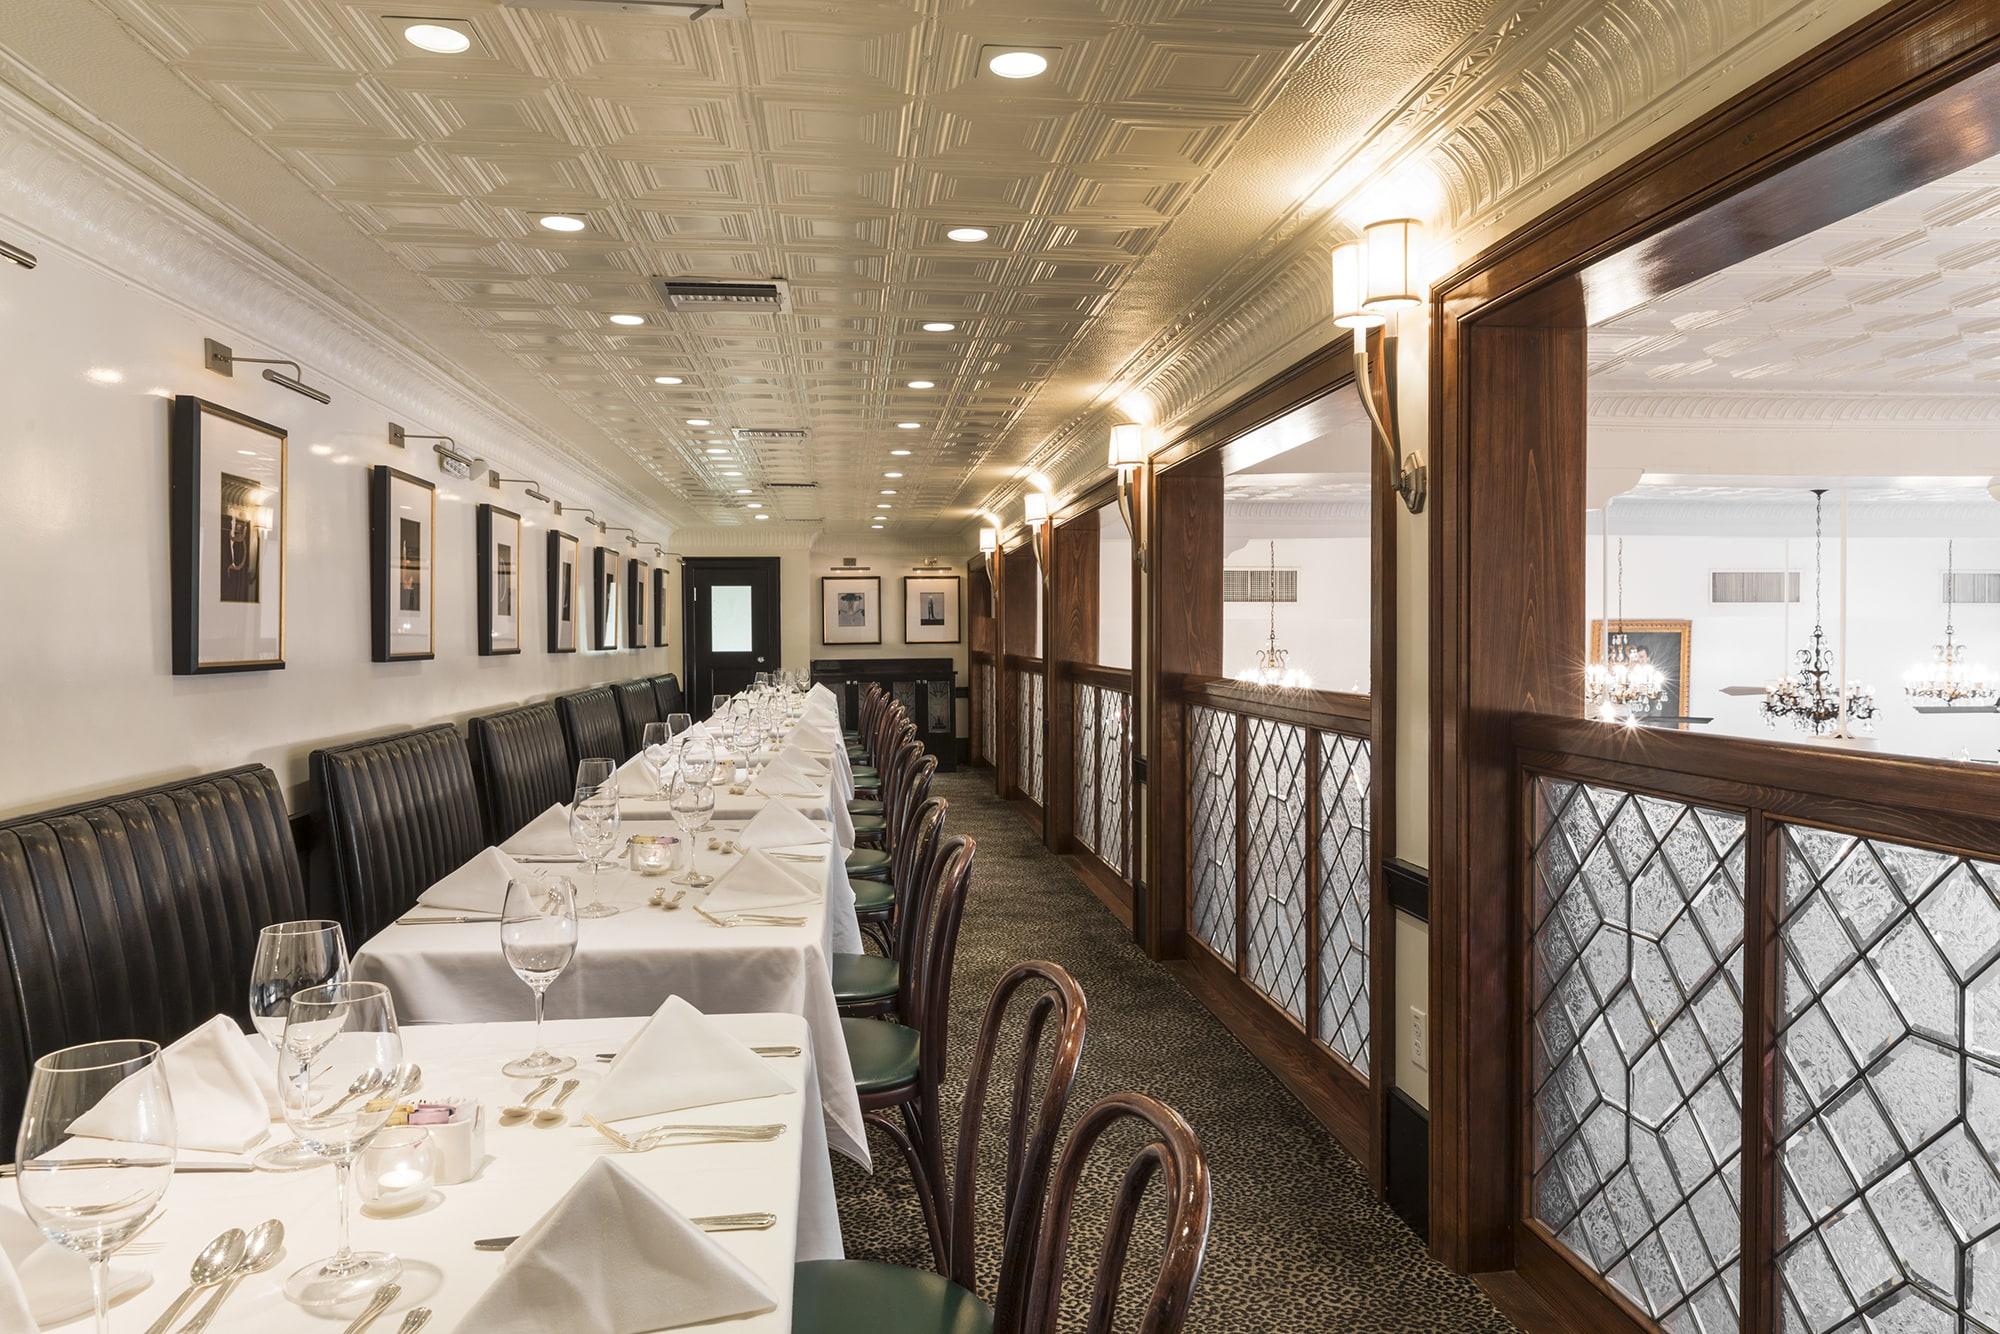 Semi-Private Dining New Orleans | Mezzanine Room